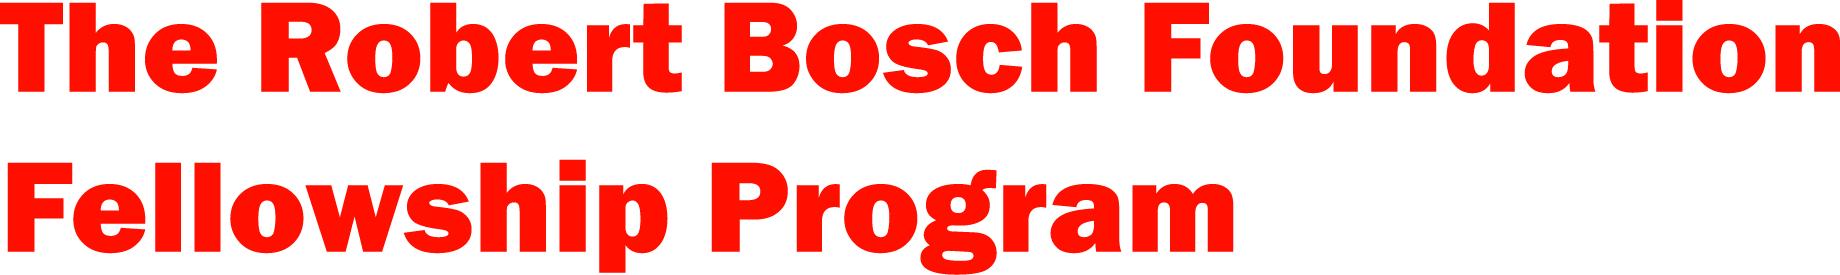 Robert Bosch Foundation Fellowship